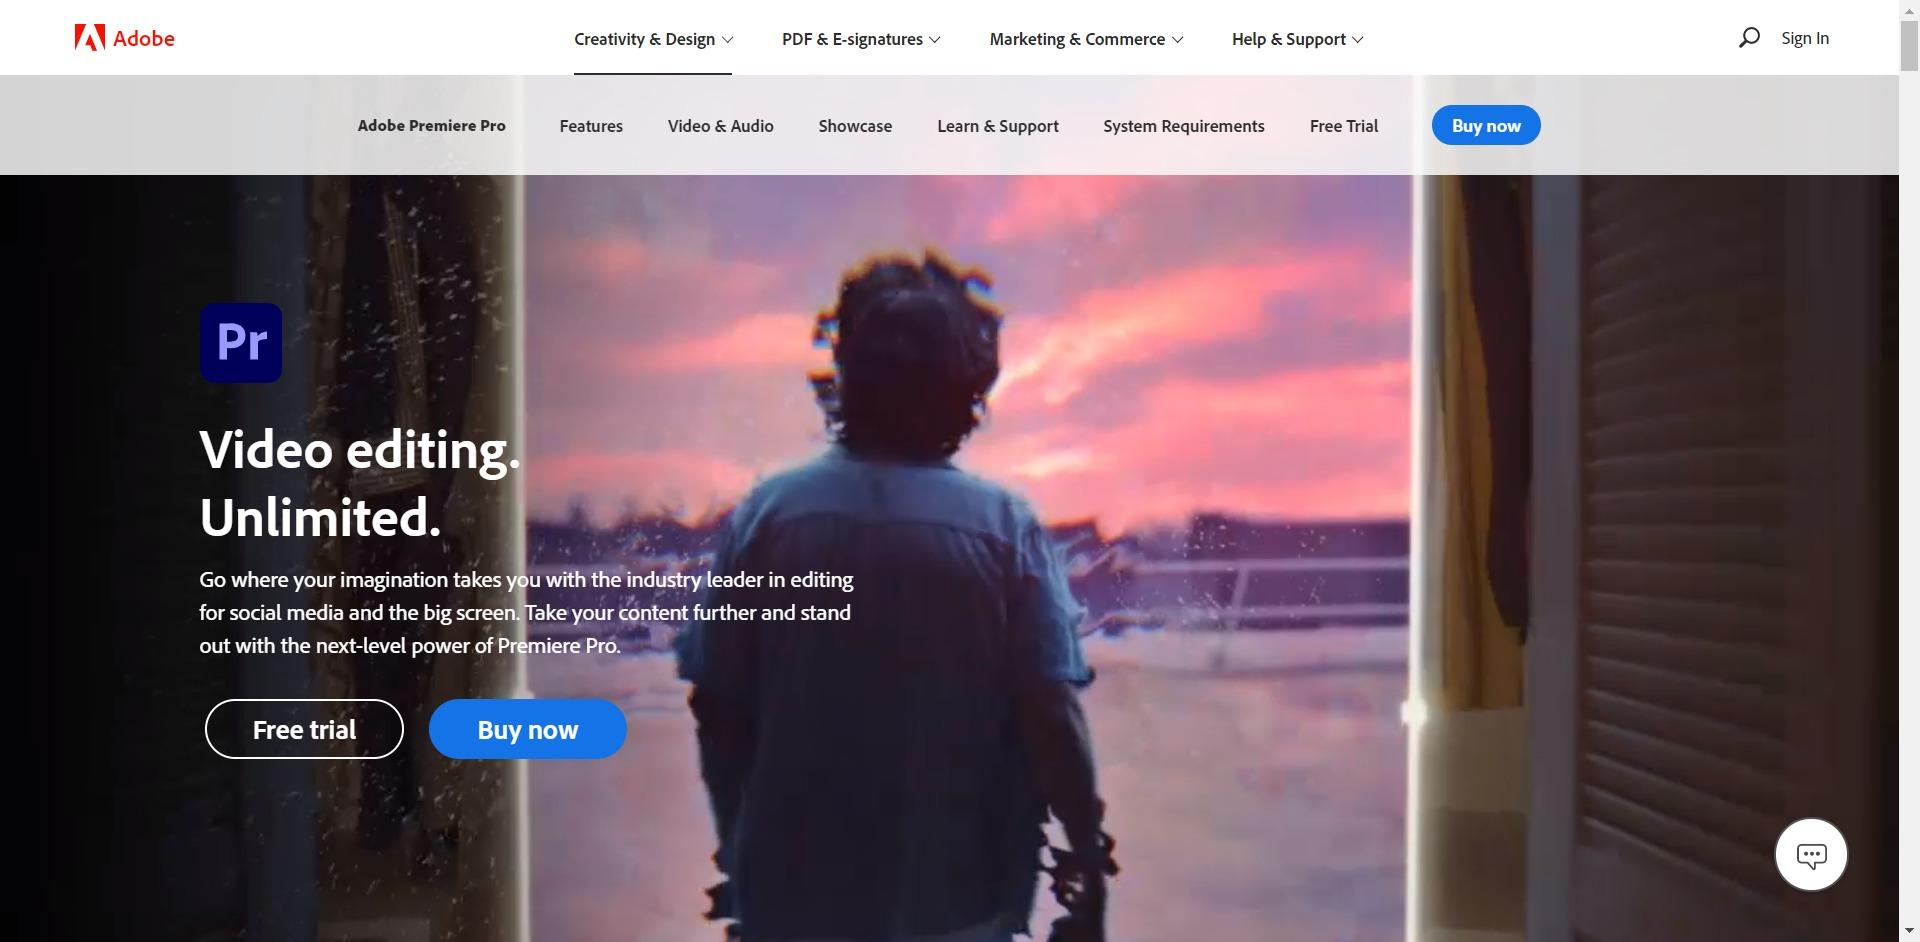 Adobe Premiere Pro CC - Main page